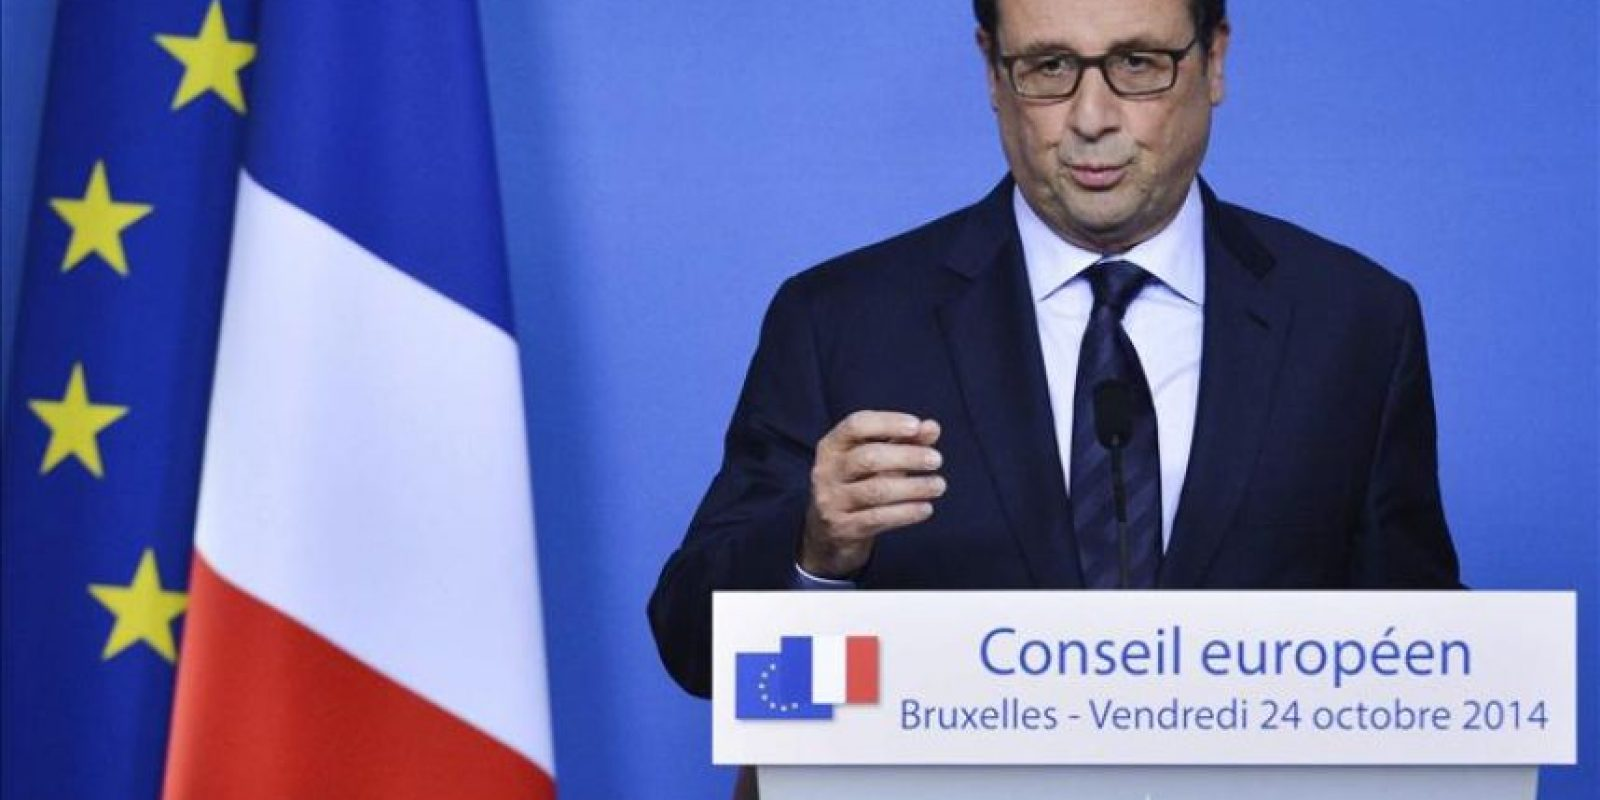 El presidente francés, FranÇois Hollande, durante una rueda de prensa tras participar en una cumbre de líderes de la UE en la sede del Consejo Europeo en Bruselas, bélgica, hoy, viernes 24 de octubre de 2014. EFE